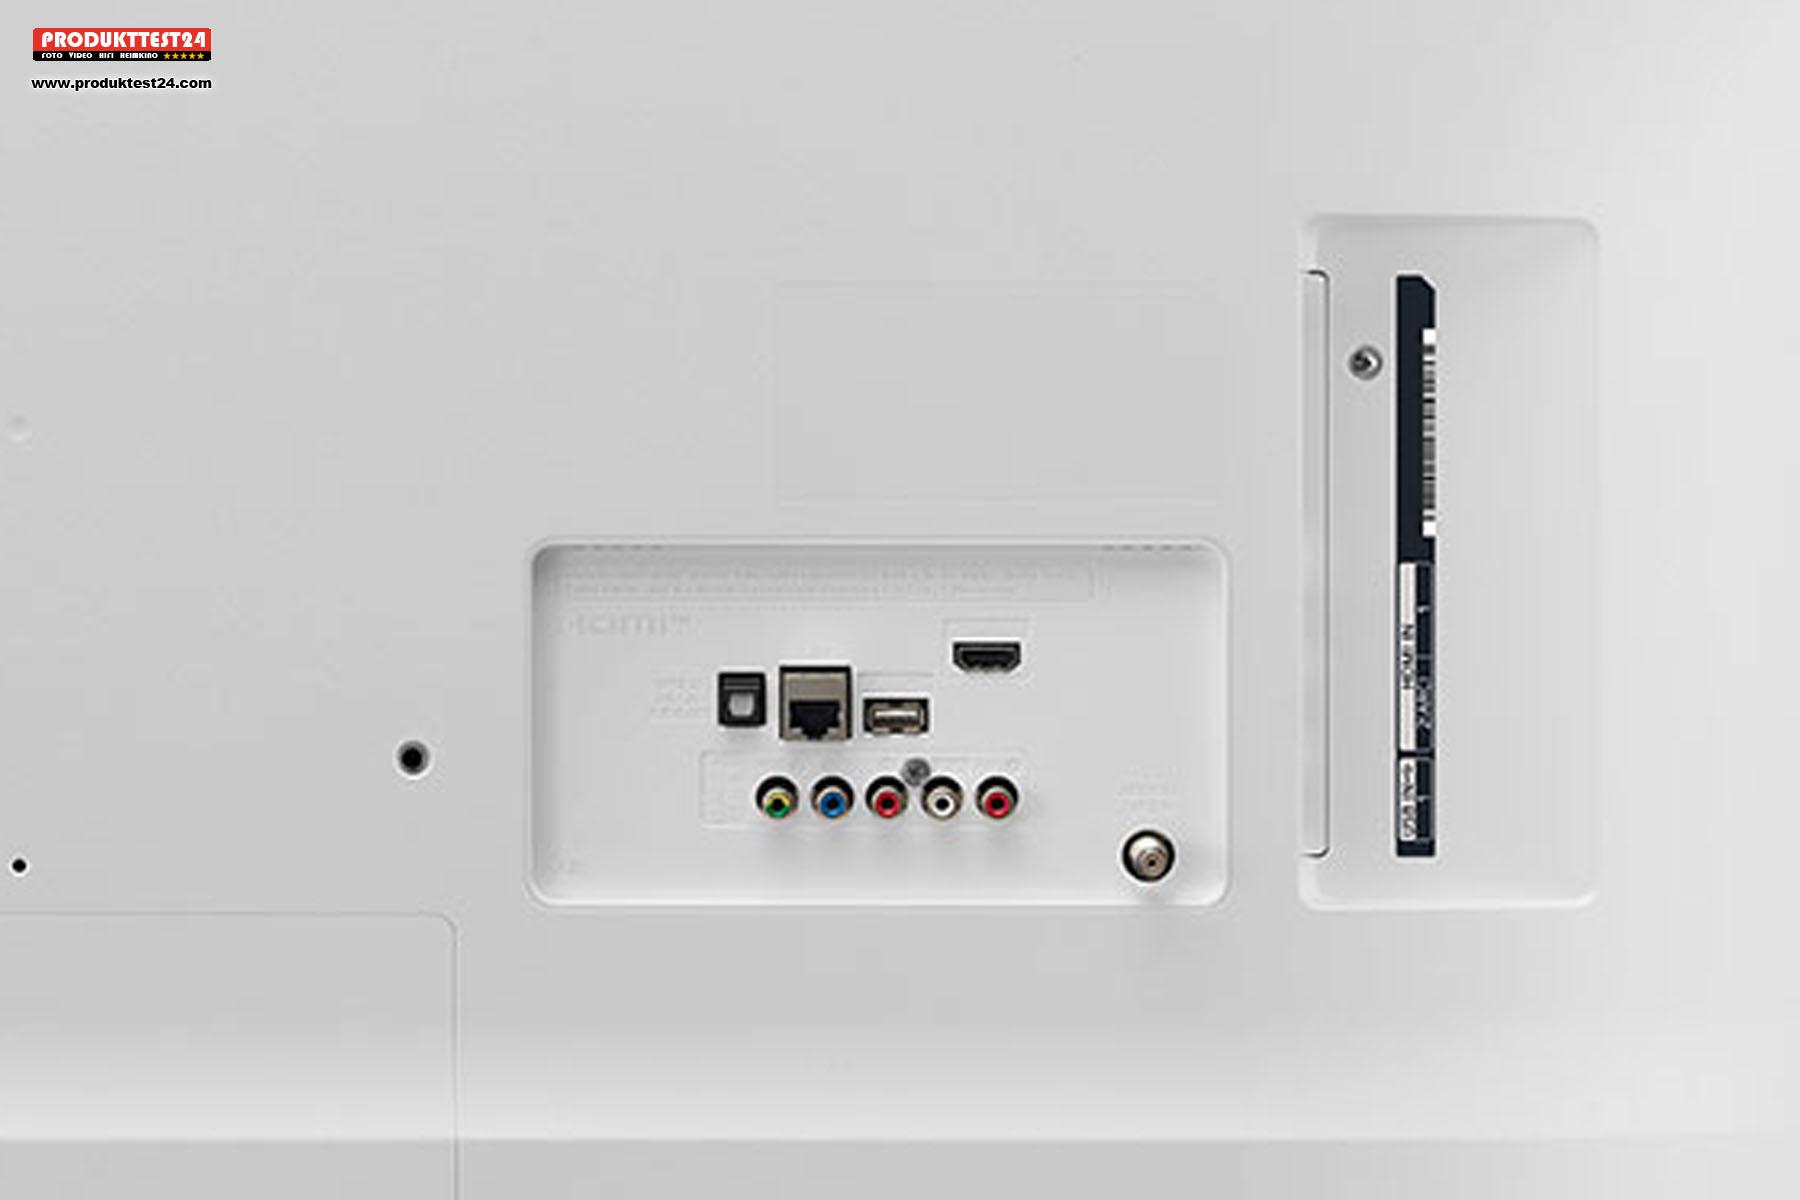 Der LG 43UN7390 verfügt über zahlreiche Anschlussmöglichkeiten